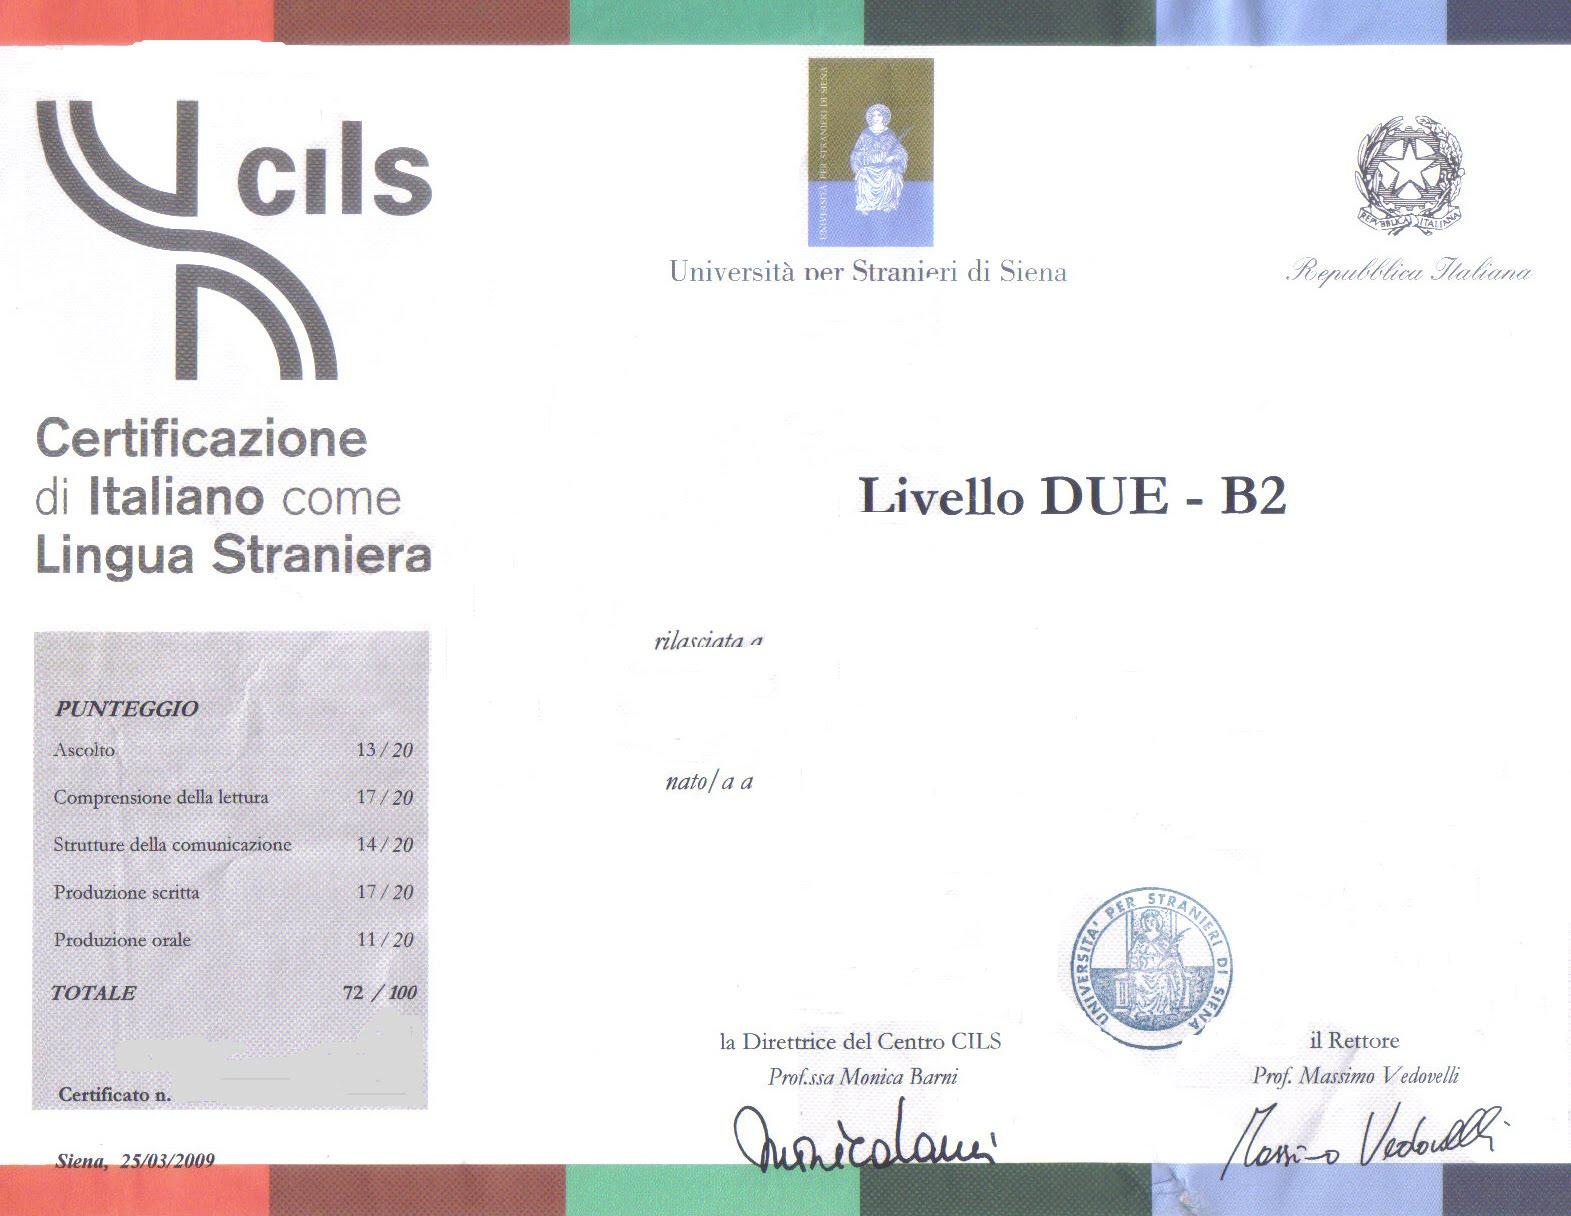 Prossimi Esami Cils Certificazione Di Italiano Come Lingua Straniera Il 10 Giugno 2010 Iscrizioni Entro Il 29 Aprile Stran Ier Omavero